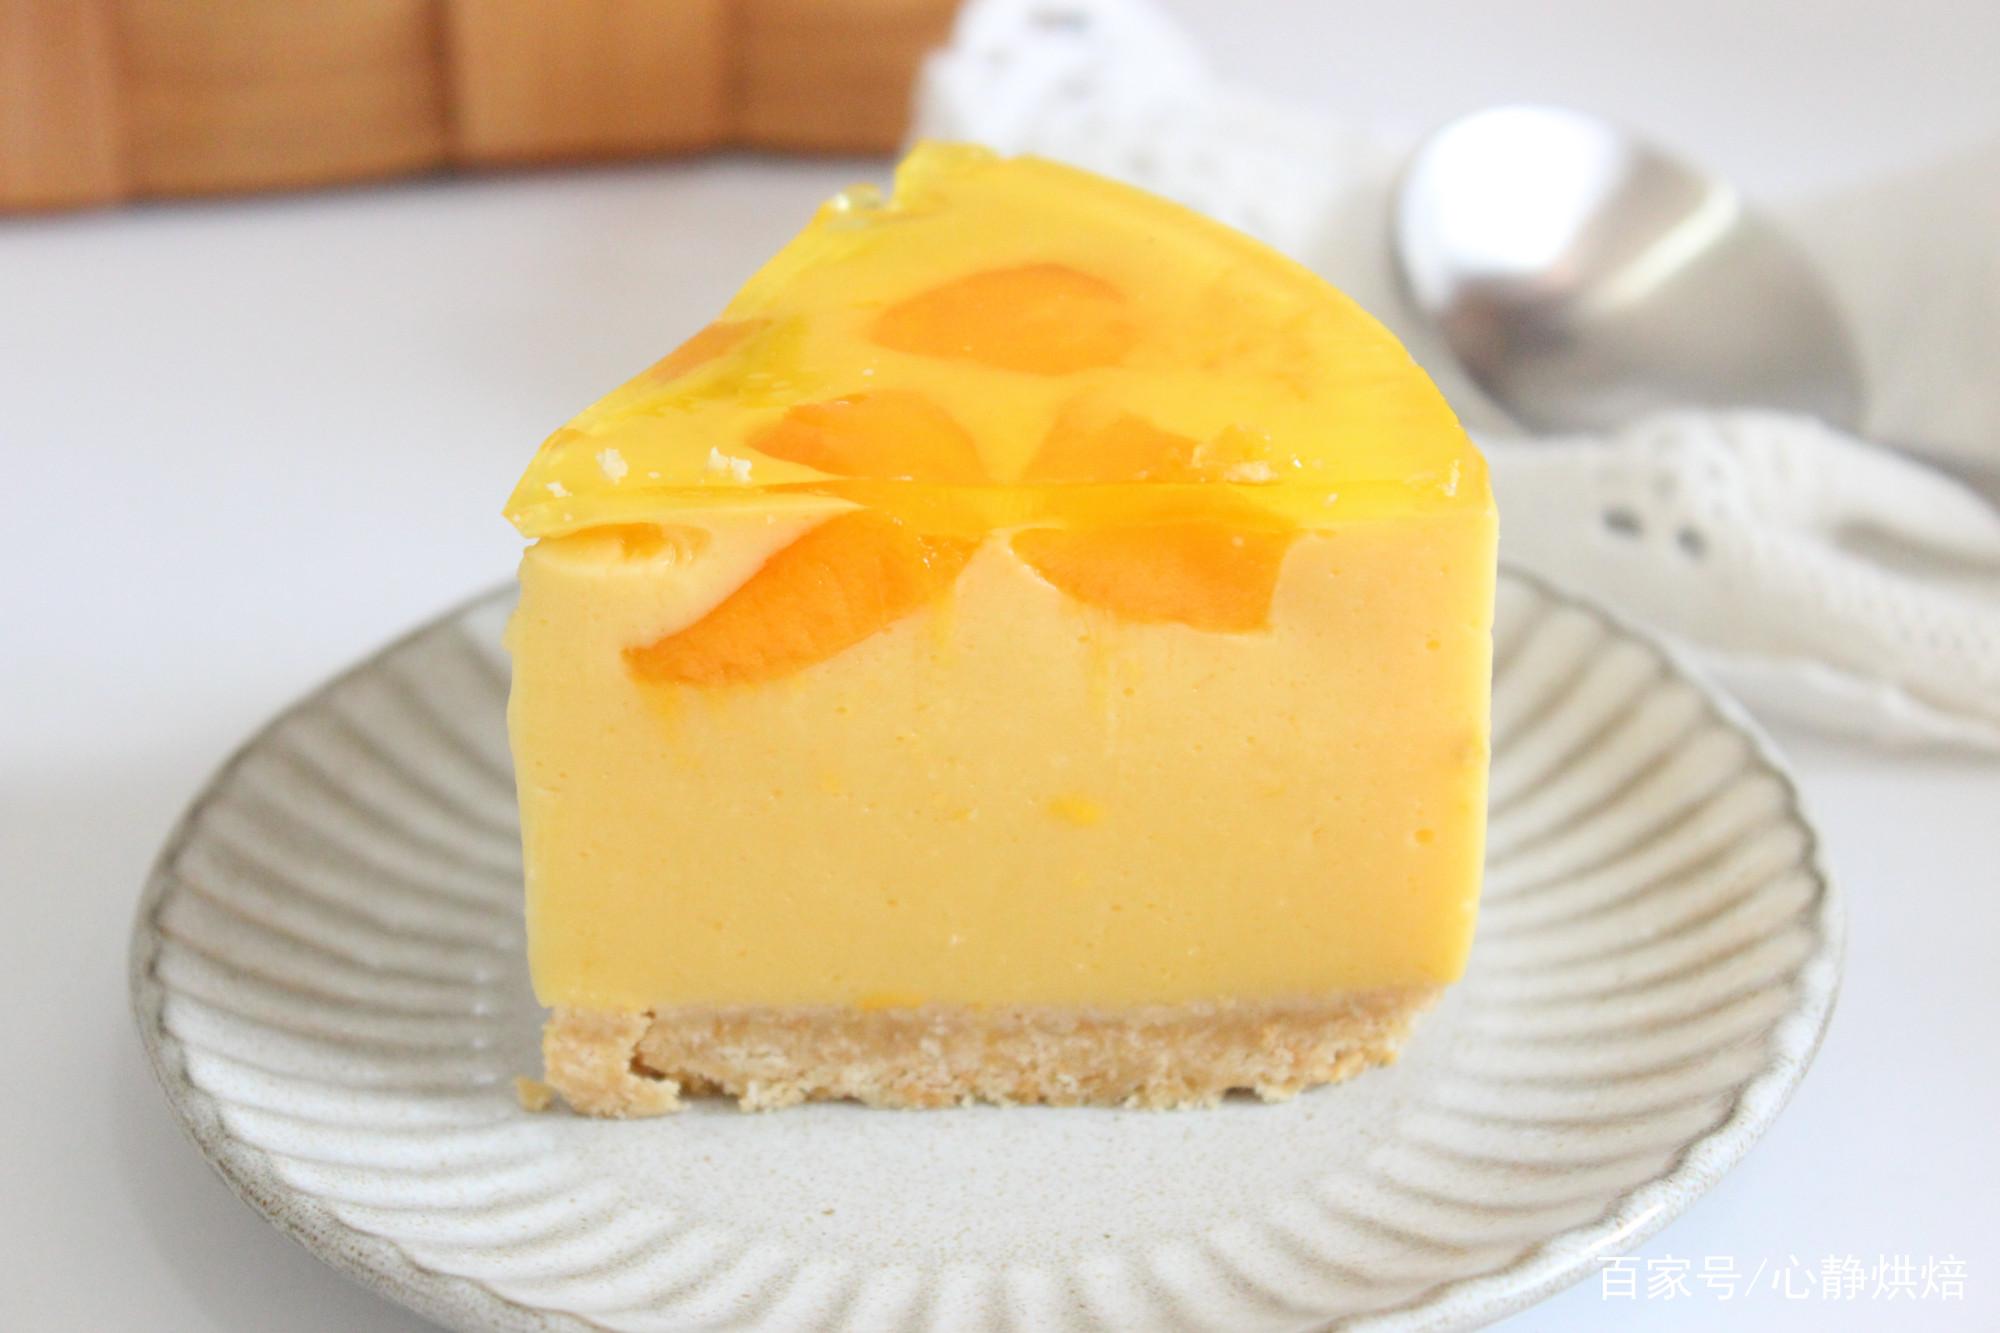 不用烤箱就能做的芒果酸奶慕斯蛋糕,Q弹爽口比雪糕还好吃